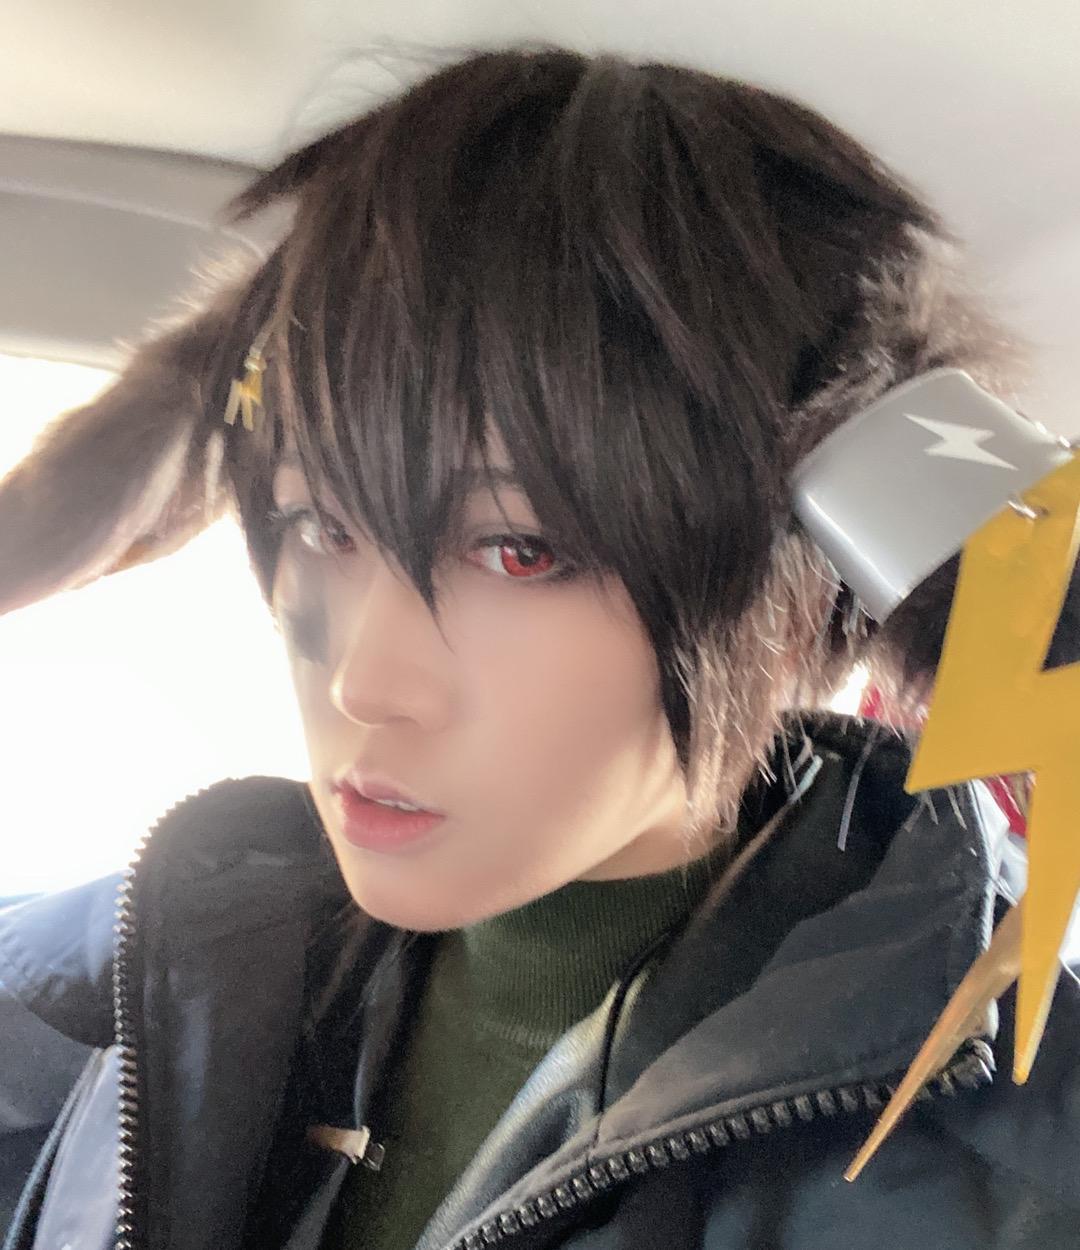 《明日方舟》漫展cosplay【CN:ystem_Yin】-第3张